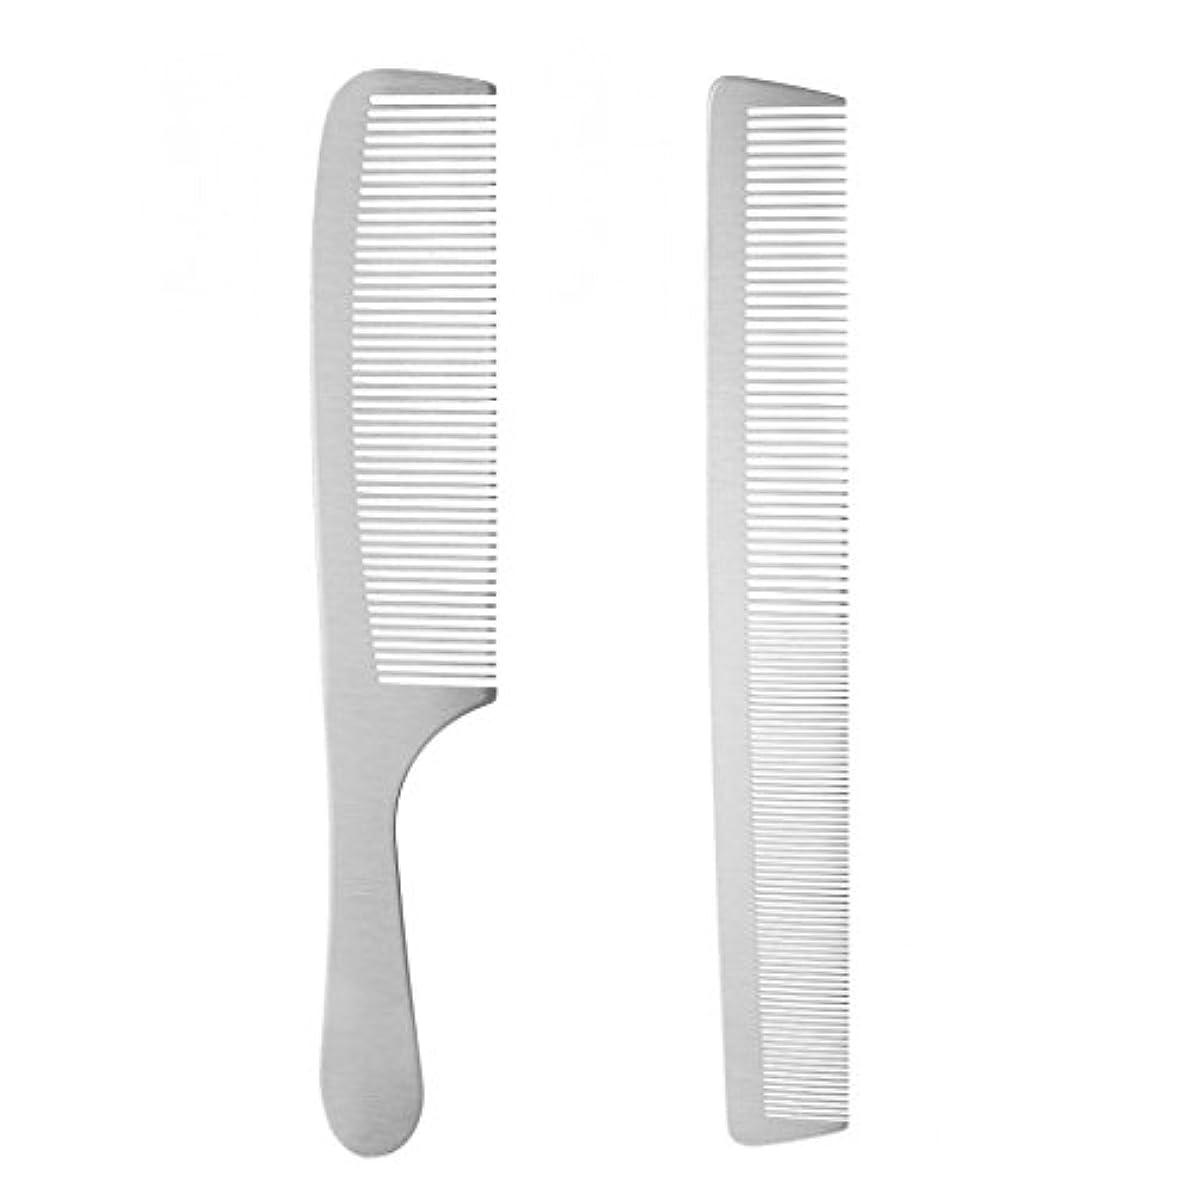 見物人チョークレンダーT TOOYFUL 2倍のステンレス鋼サロンの理髪師ヘアスタイリングヘアカットカッティングヘアブラシ